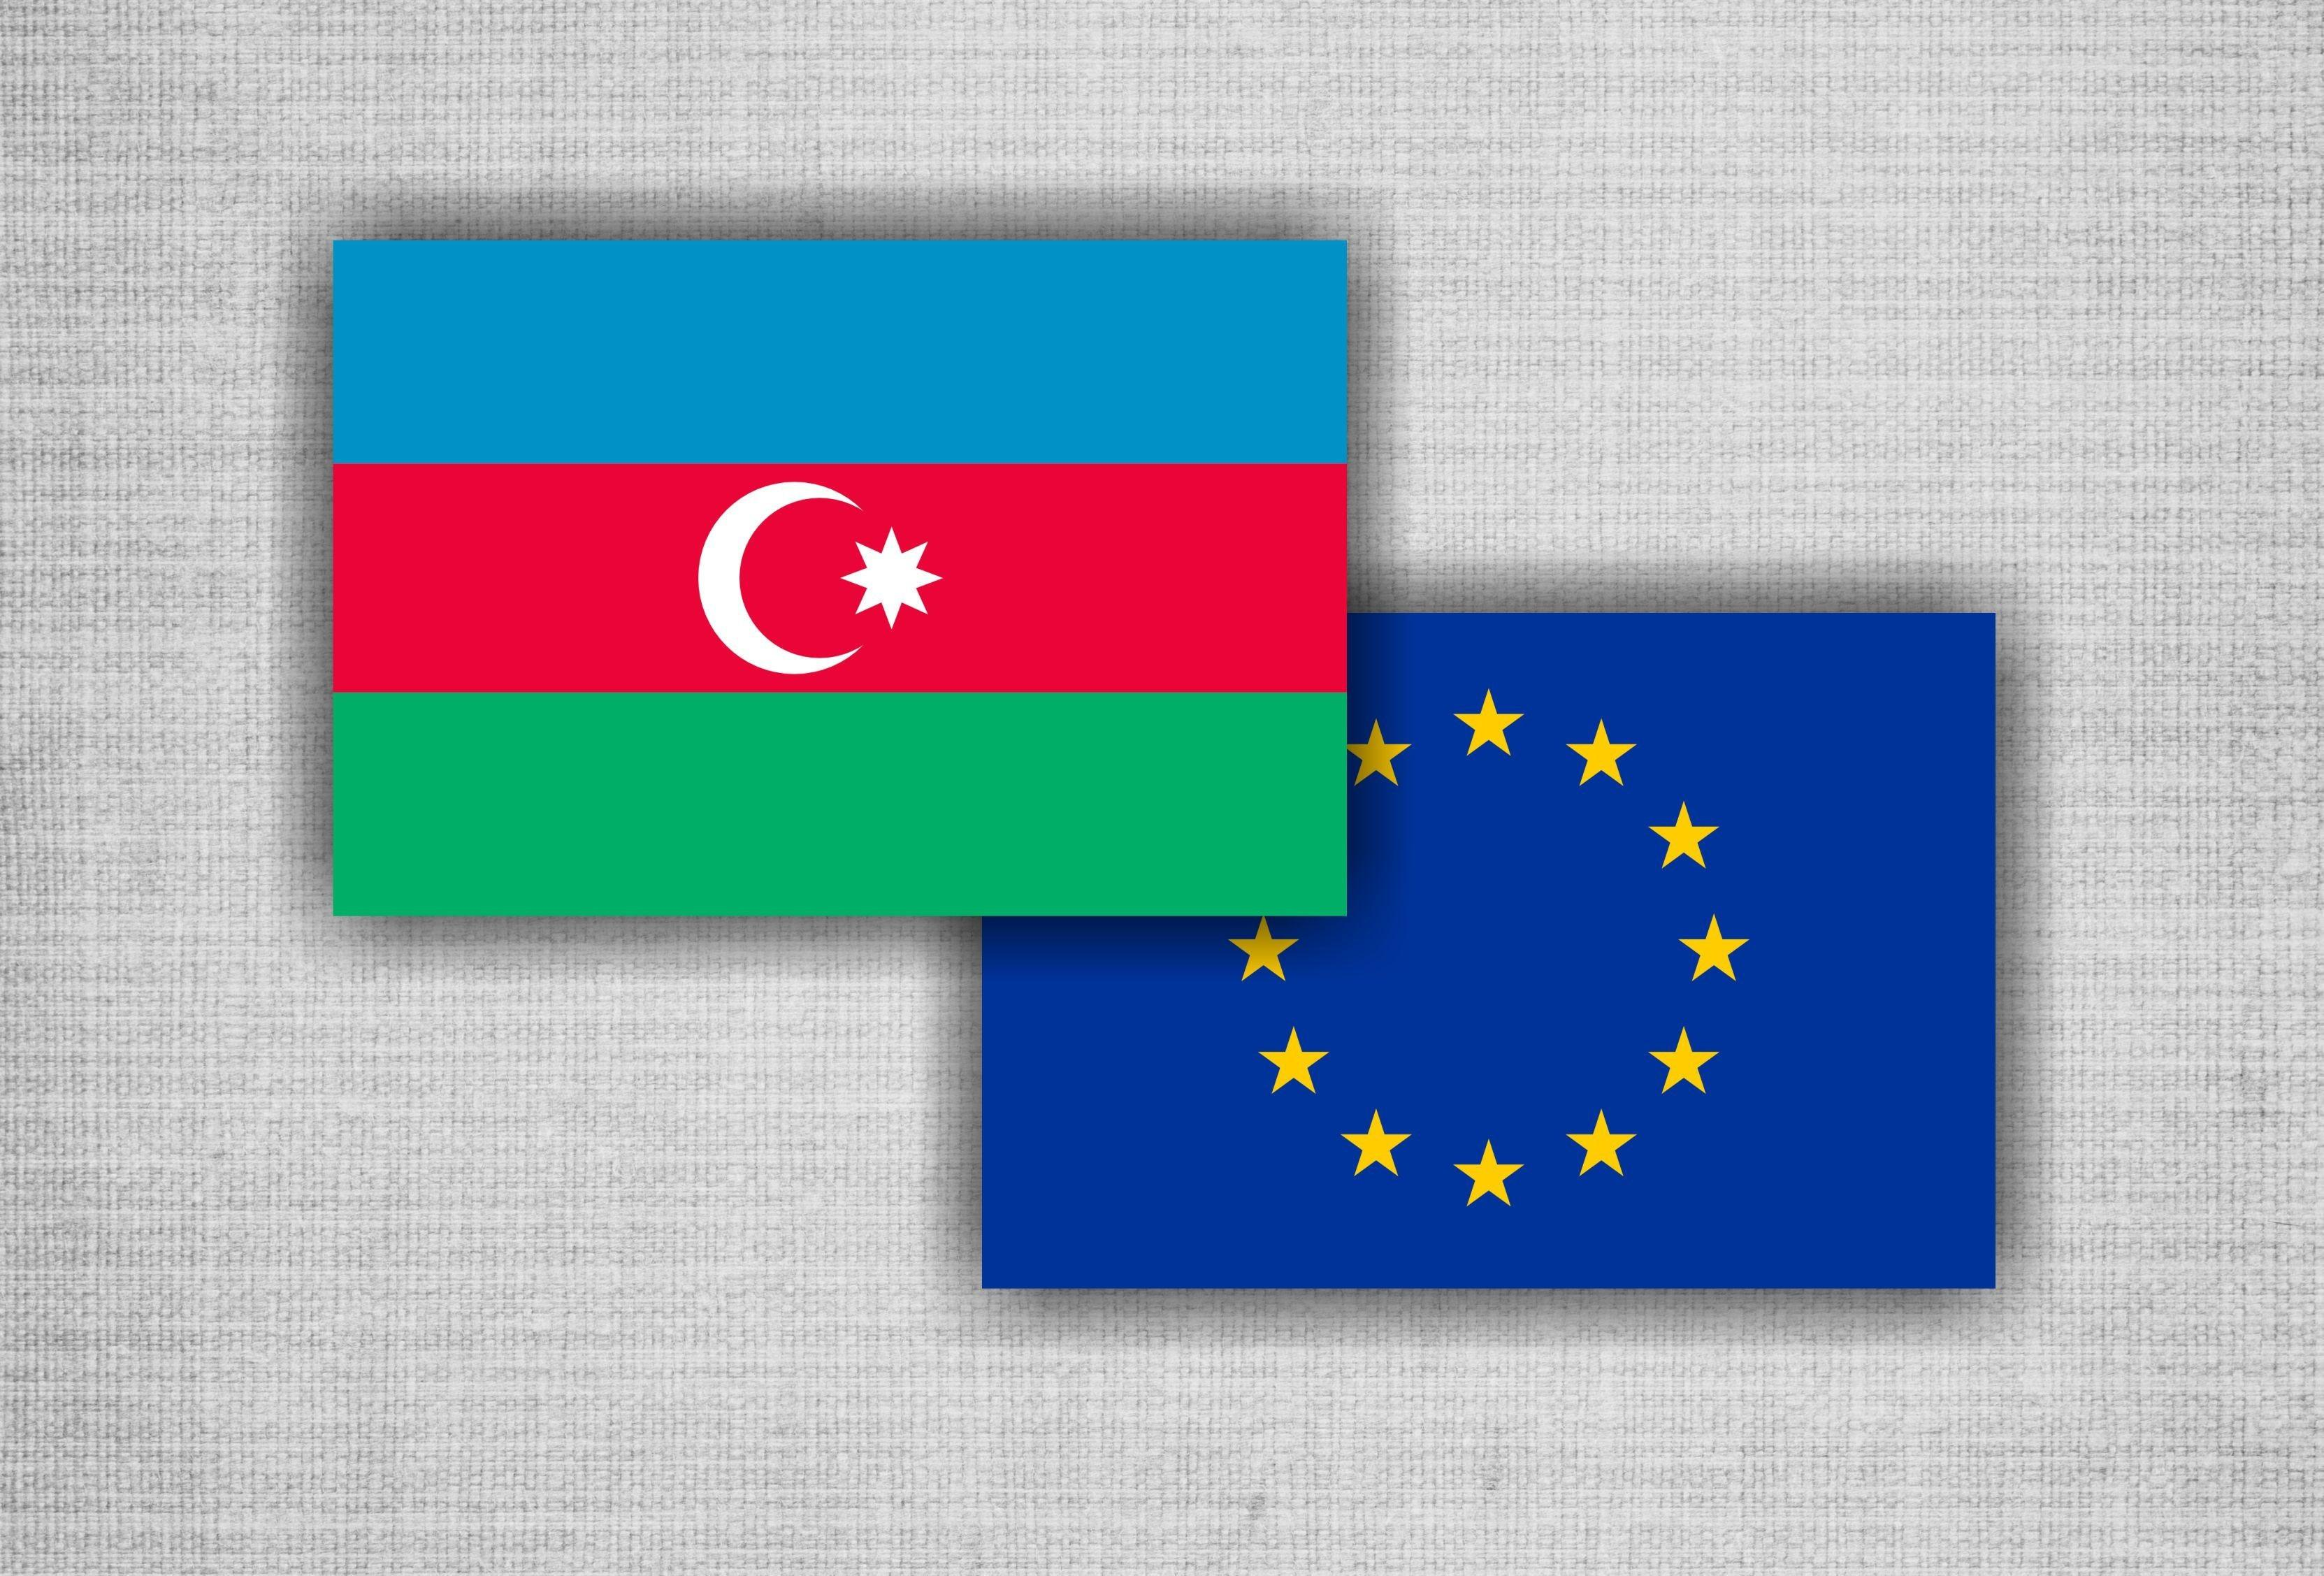 В Баку проходит очередной раунд переговоров по новому соглашению Азербайджан-ЕС